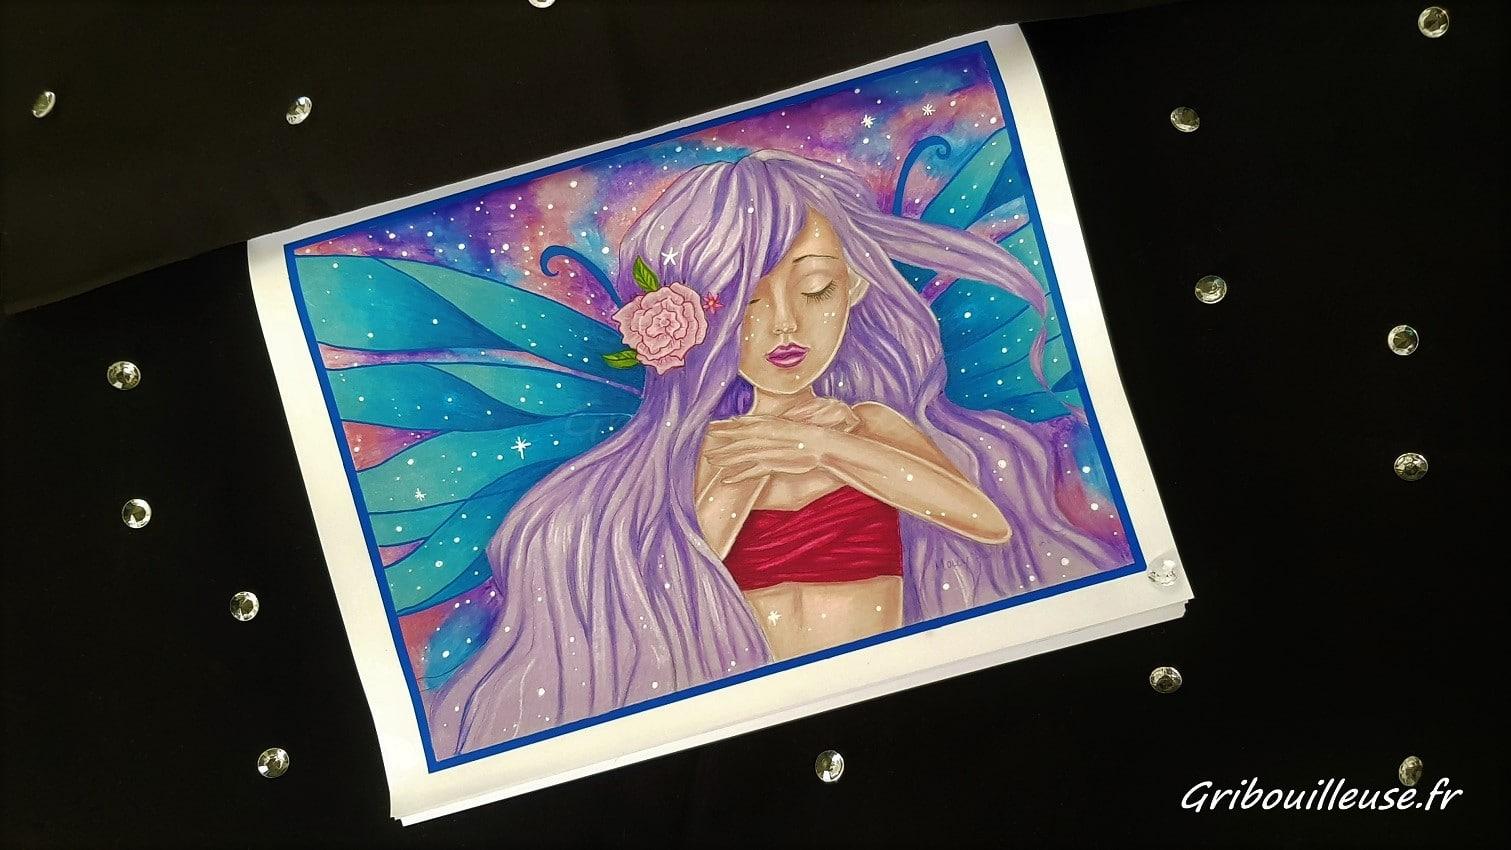 La fée dans les étoiles